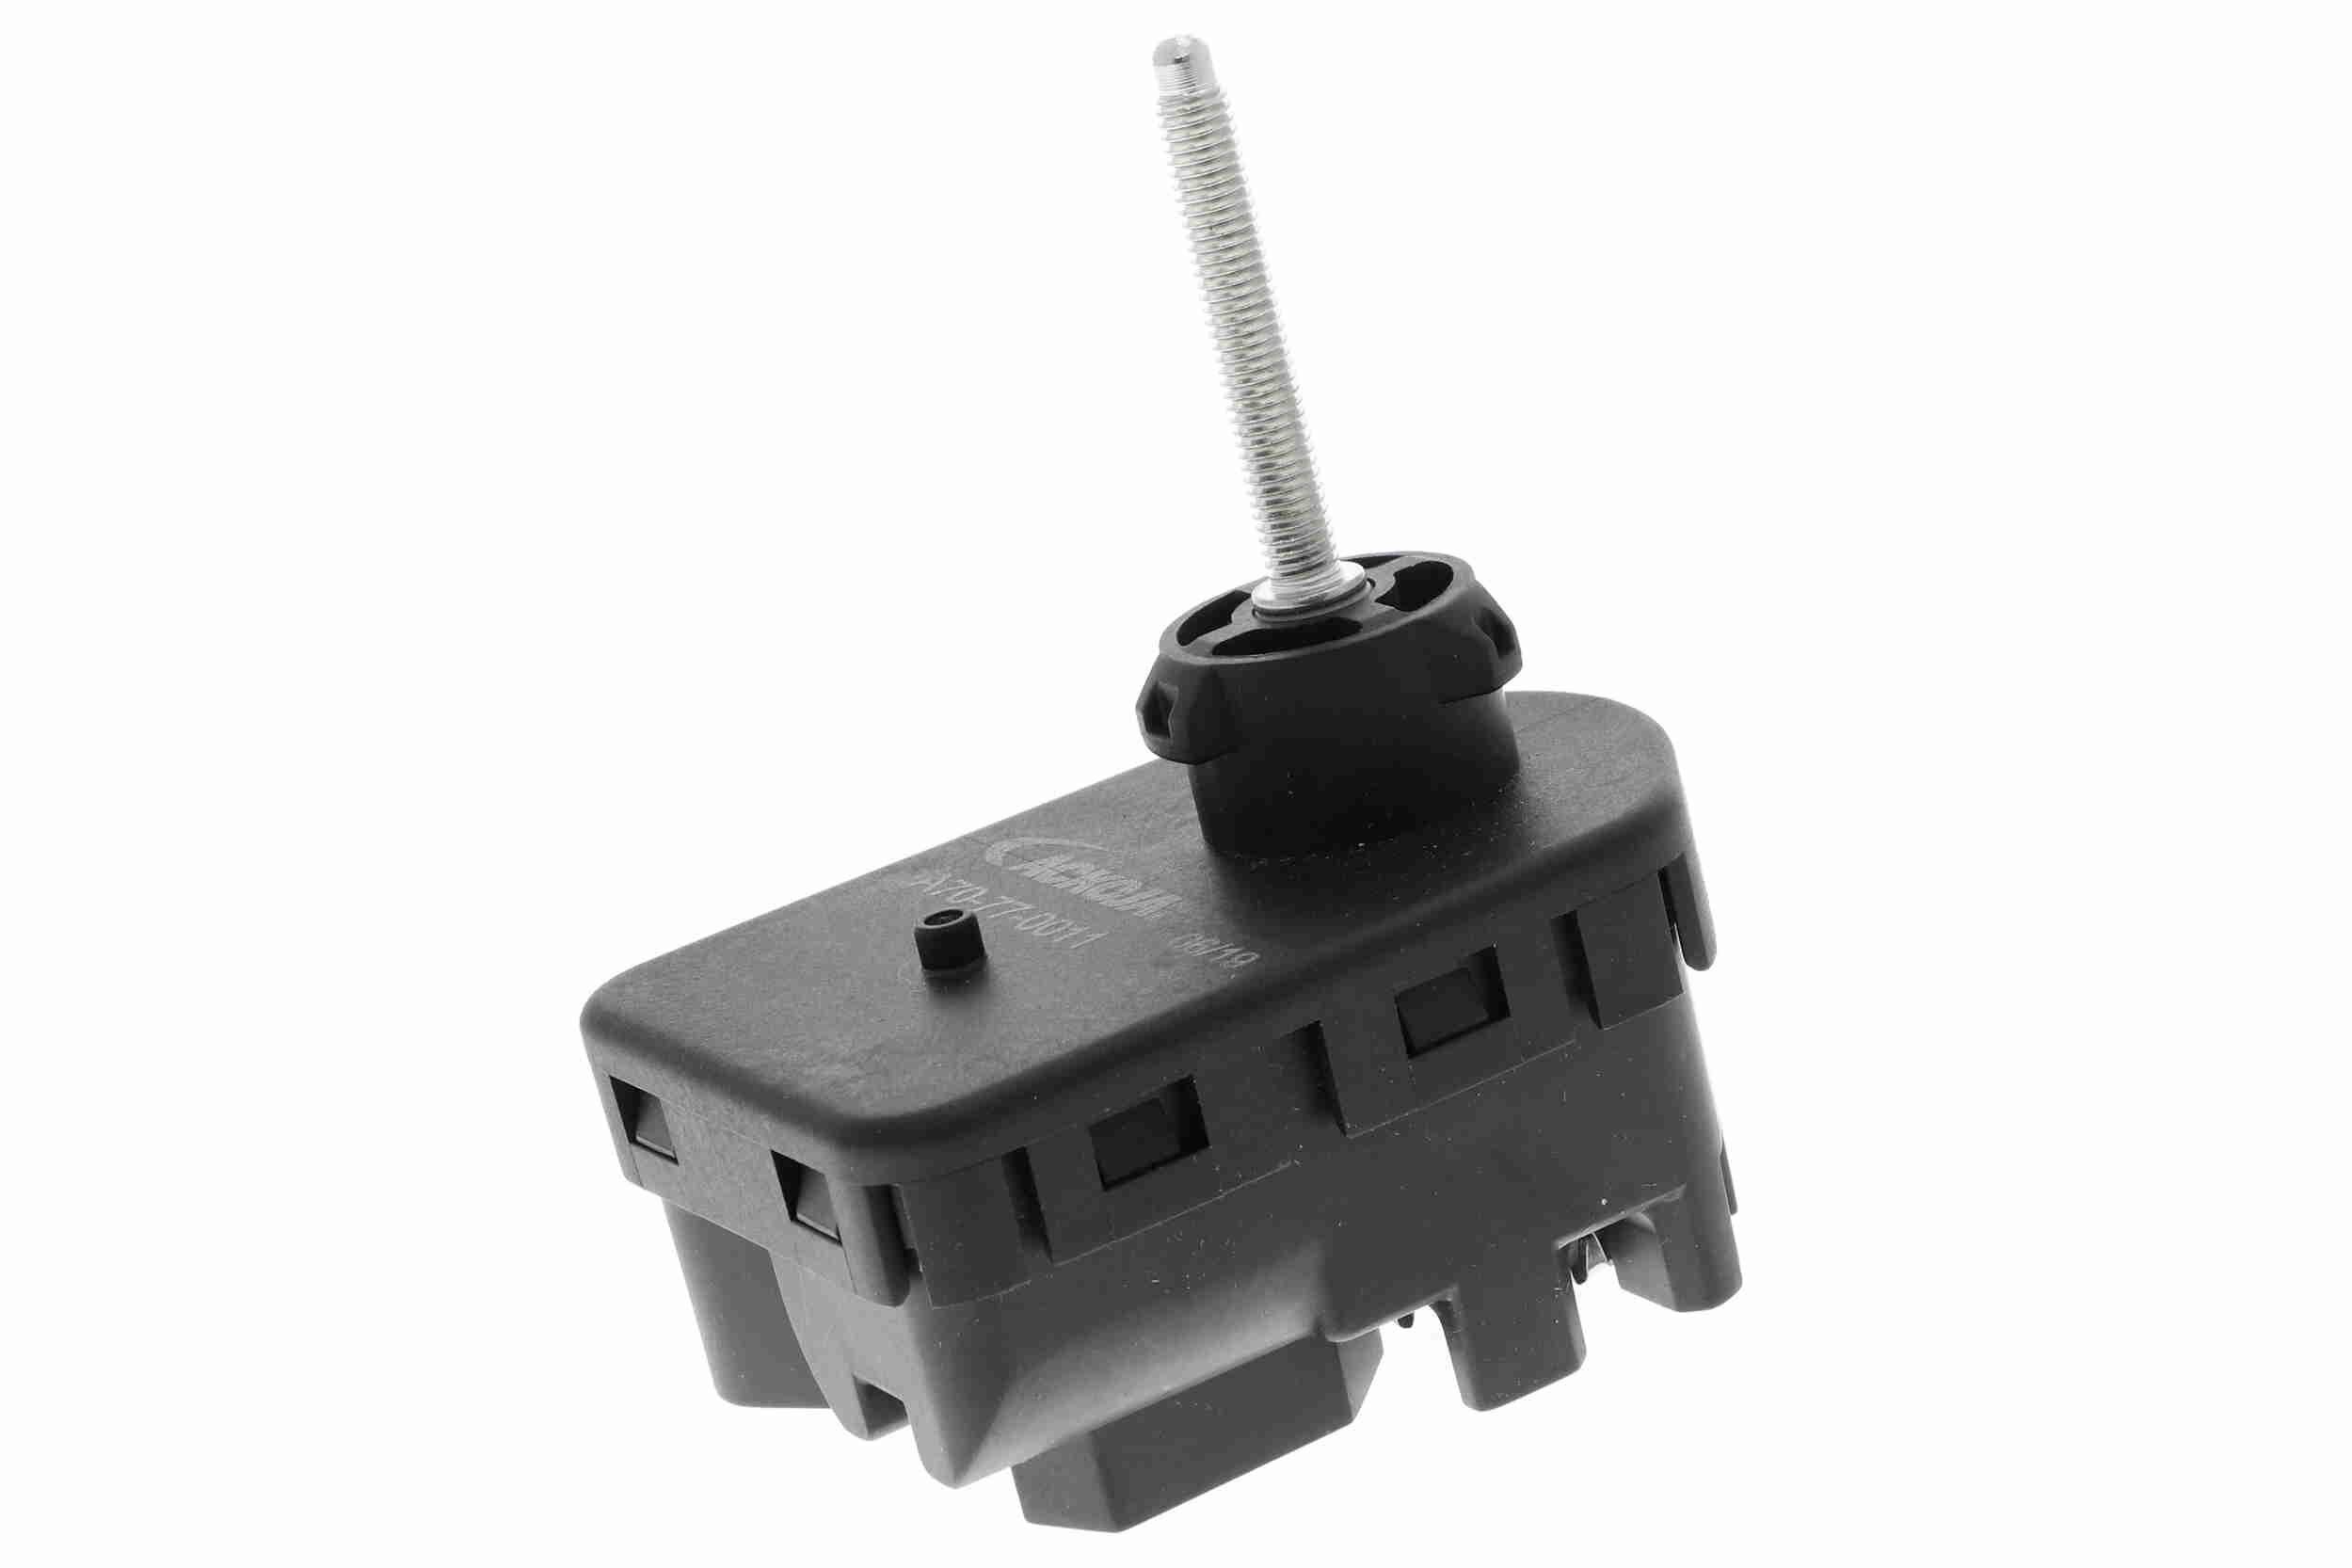 NISSAN TERRANO Stellmotor Leuchtweitenregulierung - Original ACKOJA A70-77-0011